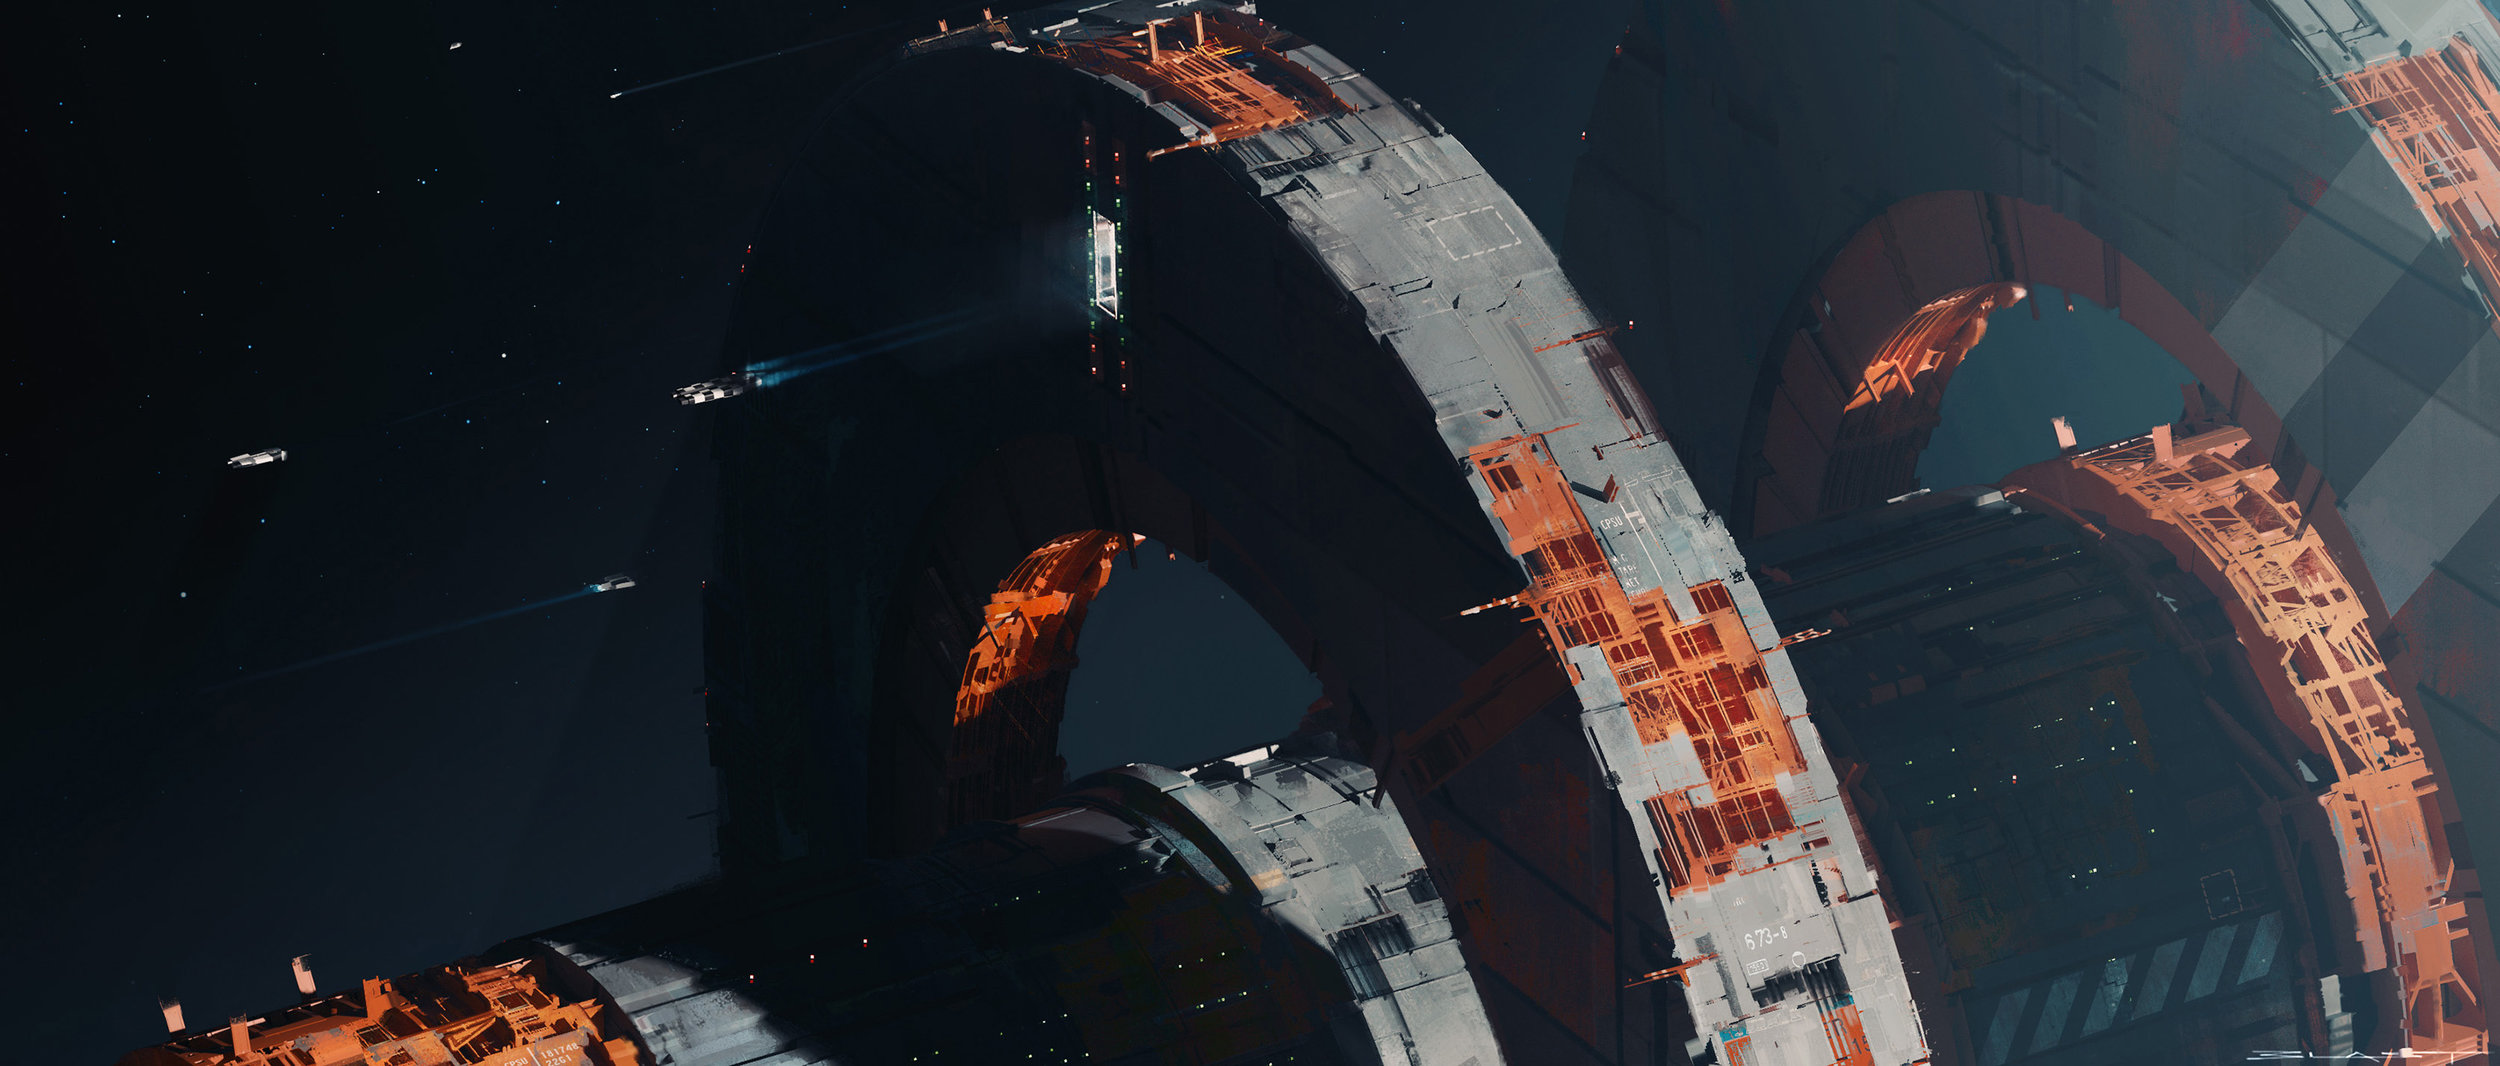 Orbiter_Rig_Dock_V001_blast_UPLOAD.jpg